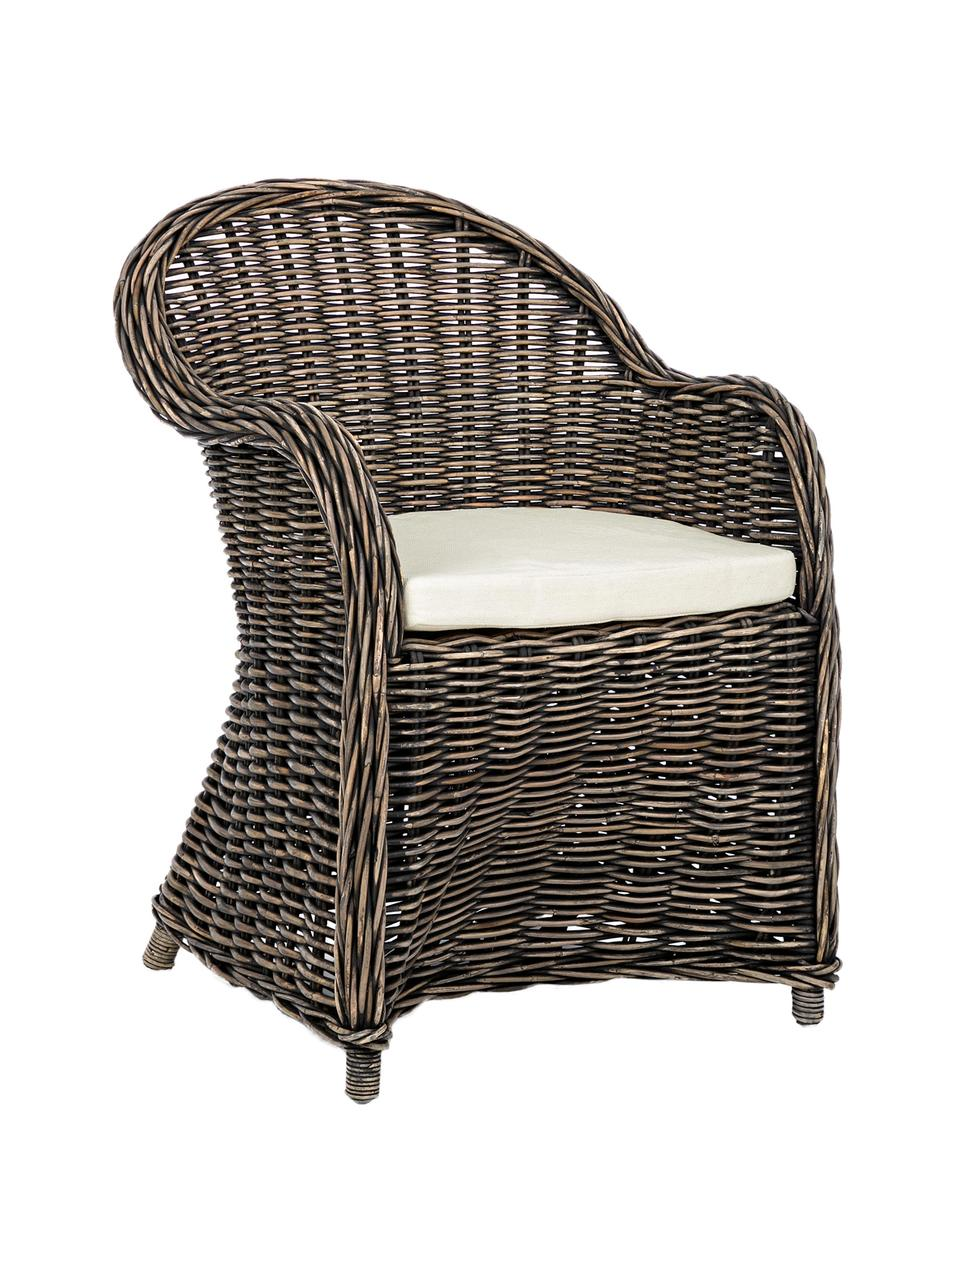 Rattan-Armlehnstuhl Martin mit Sitzauflage, Bezug: Baumwolle, Rattan, Schwarz, Weiß, 60 x 89 cm